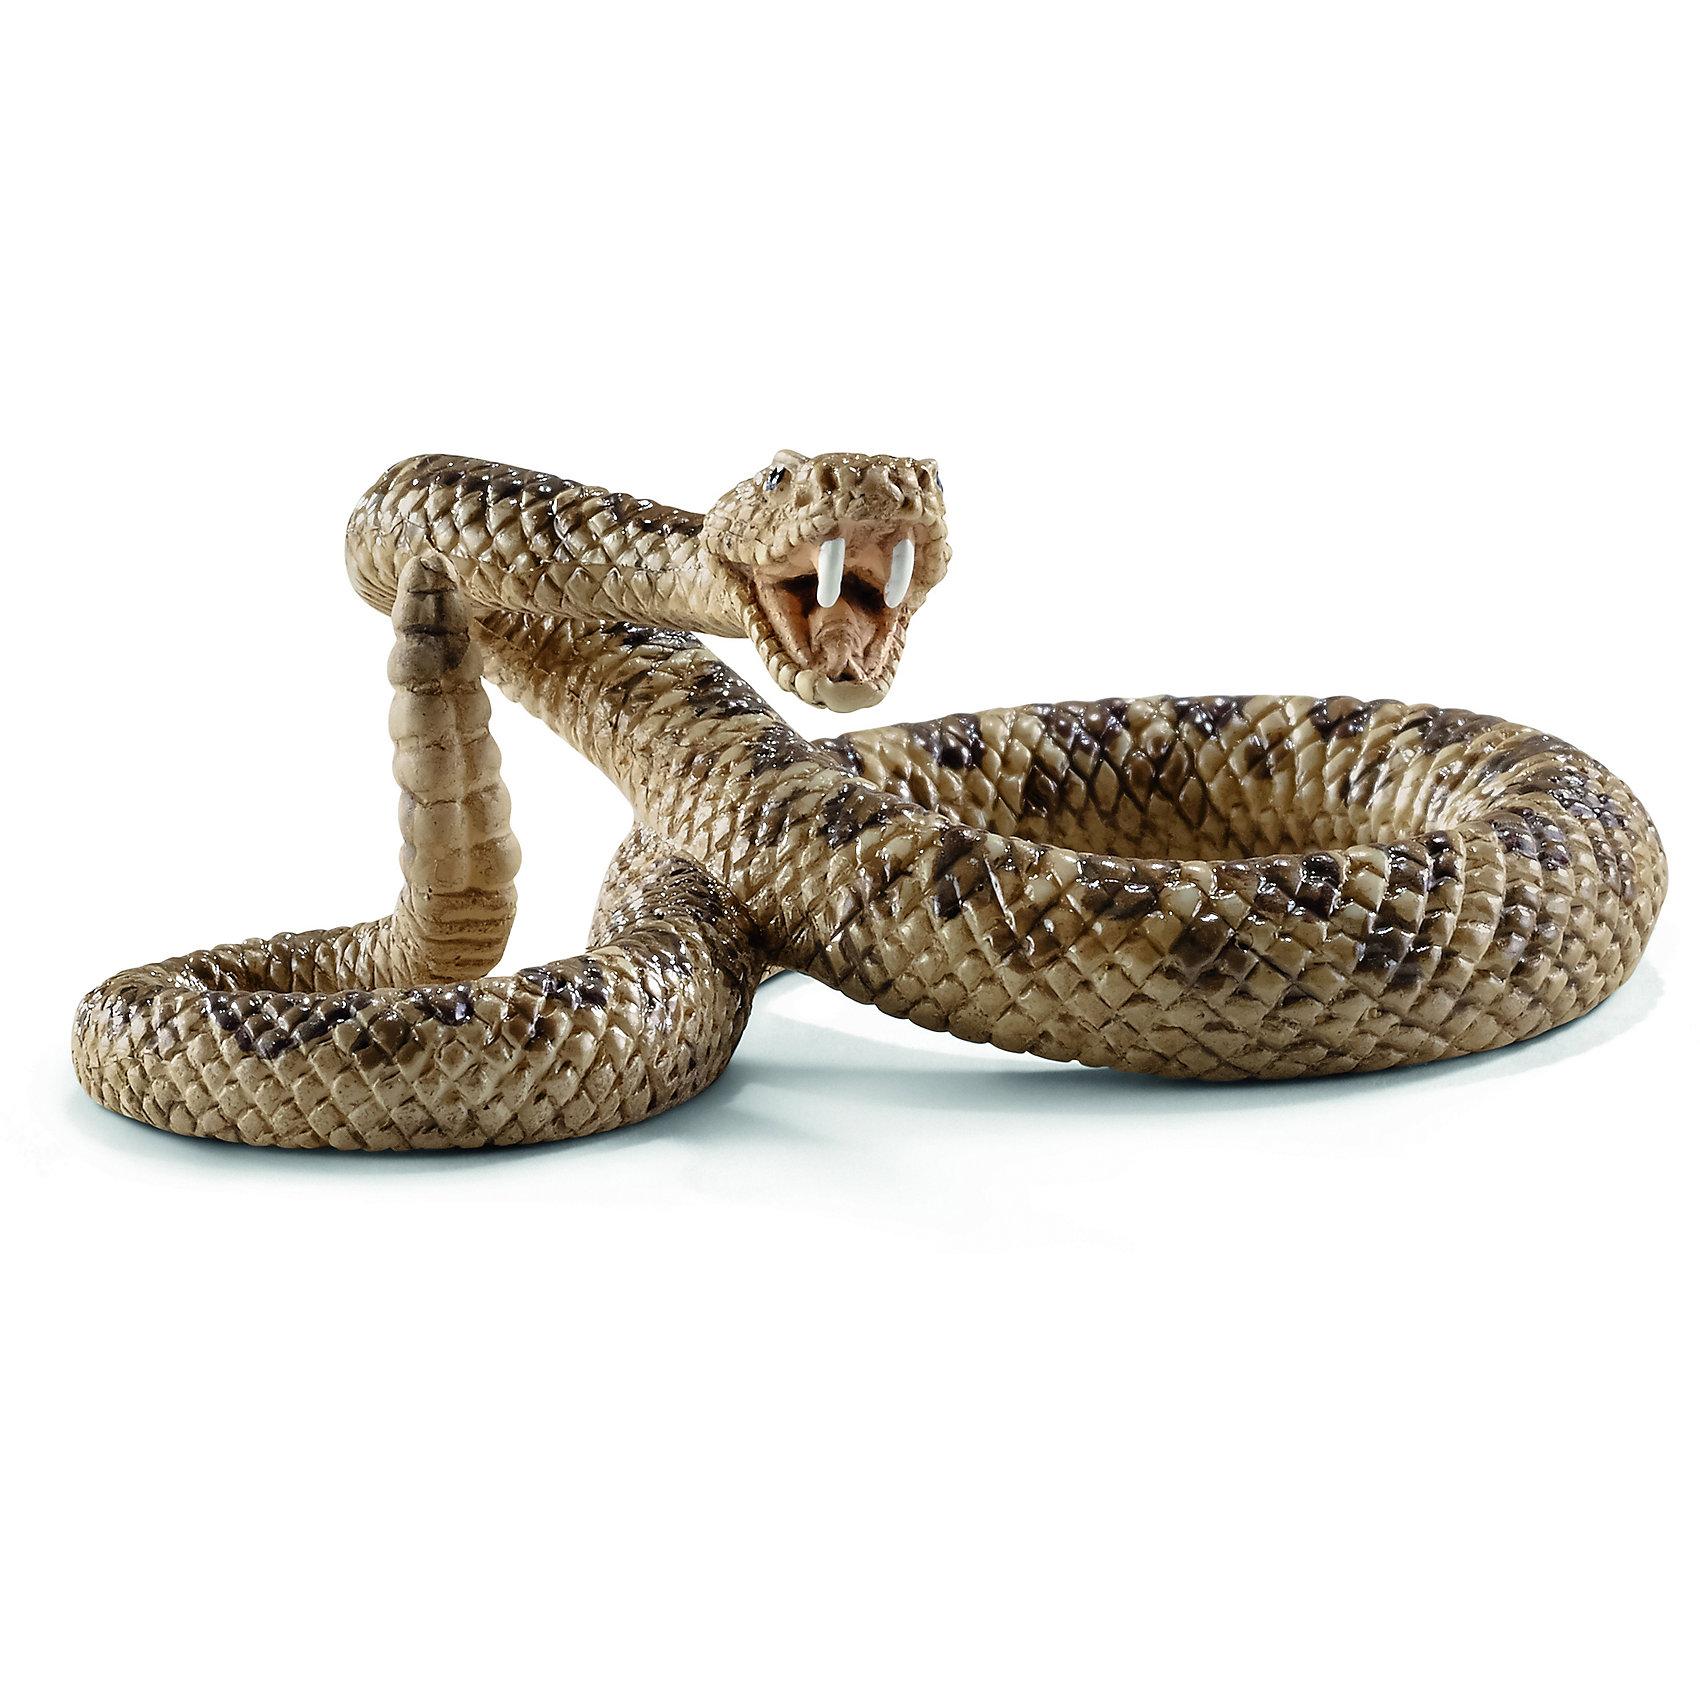 Гремучая змея, SchleichМир животных<br>Гремучая змея, Schleich (Шляйх) – это высококачественная коллекционная и игровая фигурка.<br>Фигурка Гремучей змеи прекрасно разнообразит игру вашего ребенка и станет отличным пополнением коллекции его фигурок животных. Гремучая змея - опаснейшая ядовитая змея, укус которой смертелен для человека. Характерная особенность — наличие хвостового погремка из ороговелых кольцеподобных образований, при вибрации которых возникает треск — акустический сигнал, которым змея предупреждает врагов об опасности. <br>Прекрасно выполненные фигурки Schleich (Шляйх) являются максимально точной копией настоящих животных и отличаются высочайшим качеством игрушек ручной работы. Каждая фигурка разработана с учетом исследований в области педагогики и производится как настоящее произведение для маленьких детских ручек. Все фигурки Schleich (Шляйх) сделаны из гипоаллергенных высокотехнологичных материалов, раскрашены вручную и не вызывают аллергии у ребенка.<br><br>Дополнительная информация:<br><br>- Размер фигурки: 6 х 4 х 2,5 см.<br>- Материал: высококачественный каучуковый пластик<br><br>Фигурку Гремучей змеи, Schleich (Шляйх) можно купить в нашем интернет-магазине.<br><br>Ширина мм: 92<br>Глубина мм: 45<br>Высота мм: 32<br>Вес г: 14<br>Возраст от месяцев: 36<br>Возраст до месяцев: 96<br>Пол: Унисекс<br>Возраст: Детский<br>SKU: 3902547